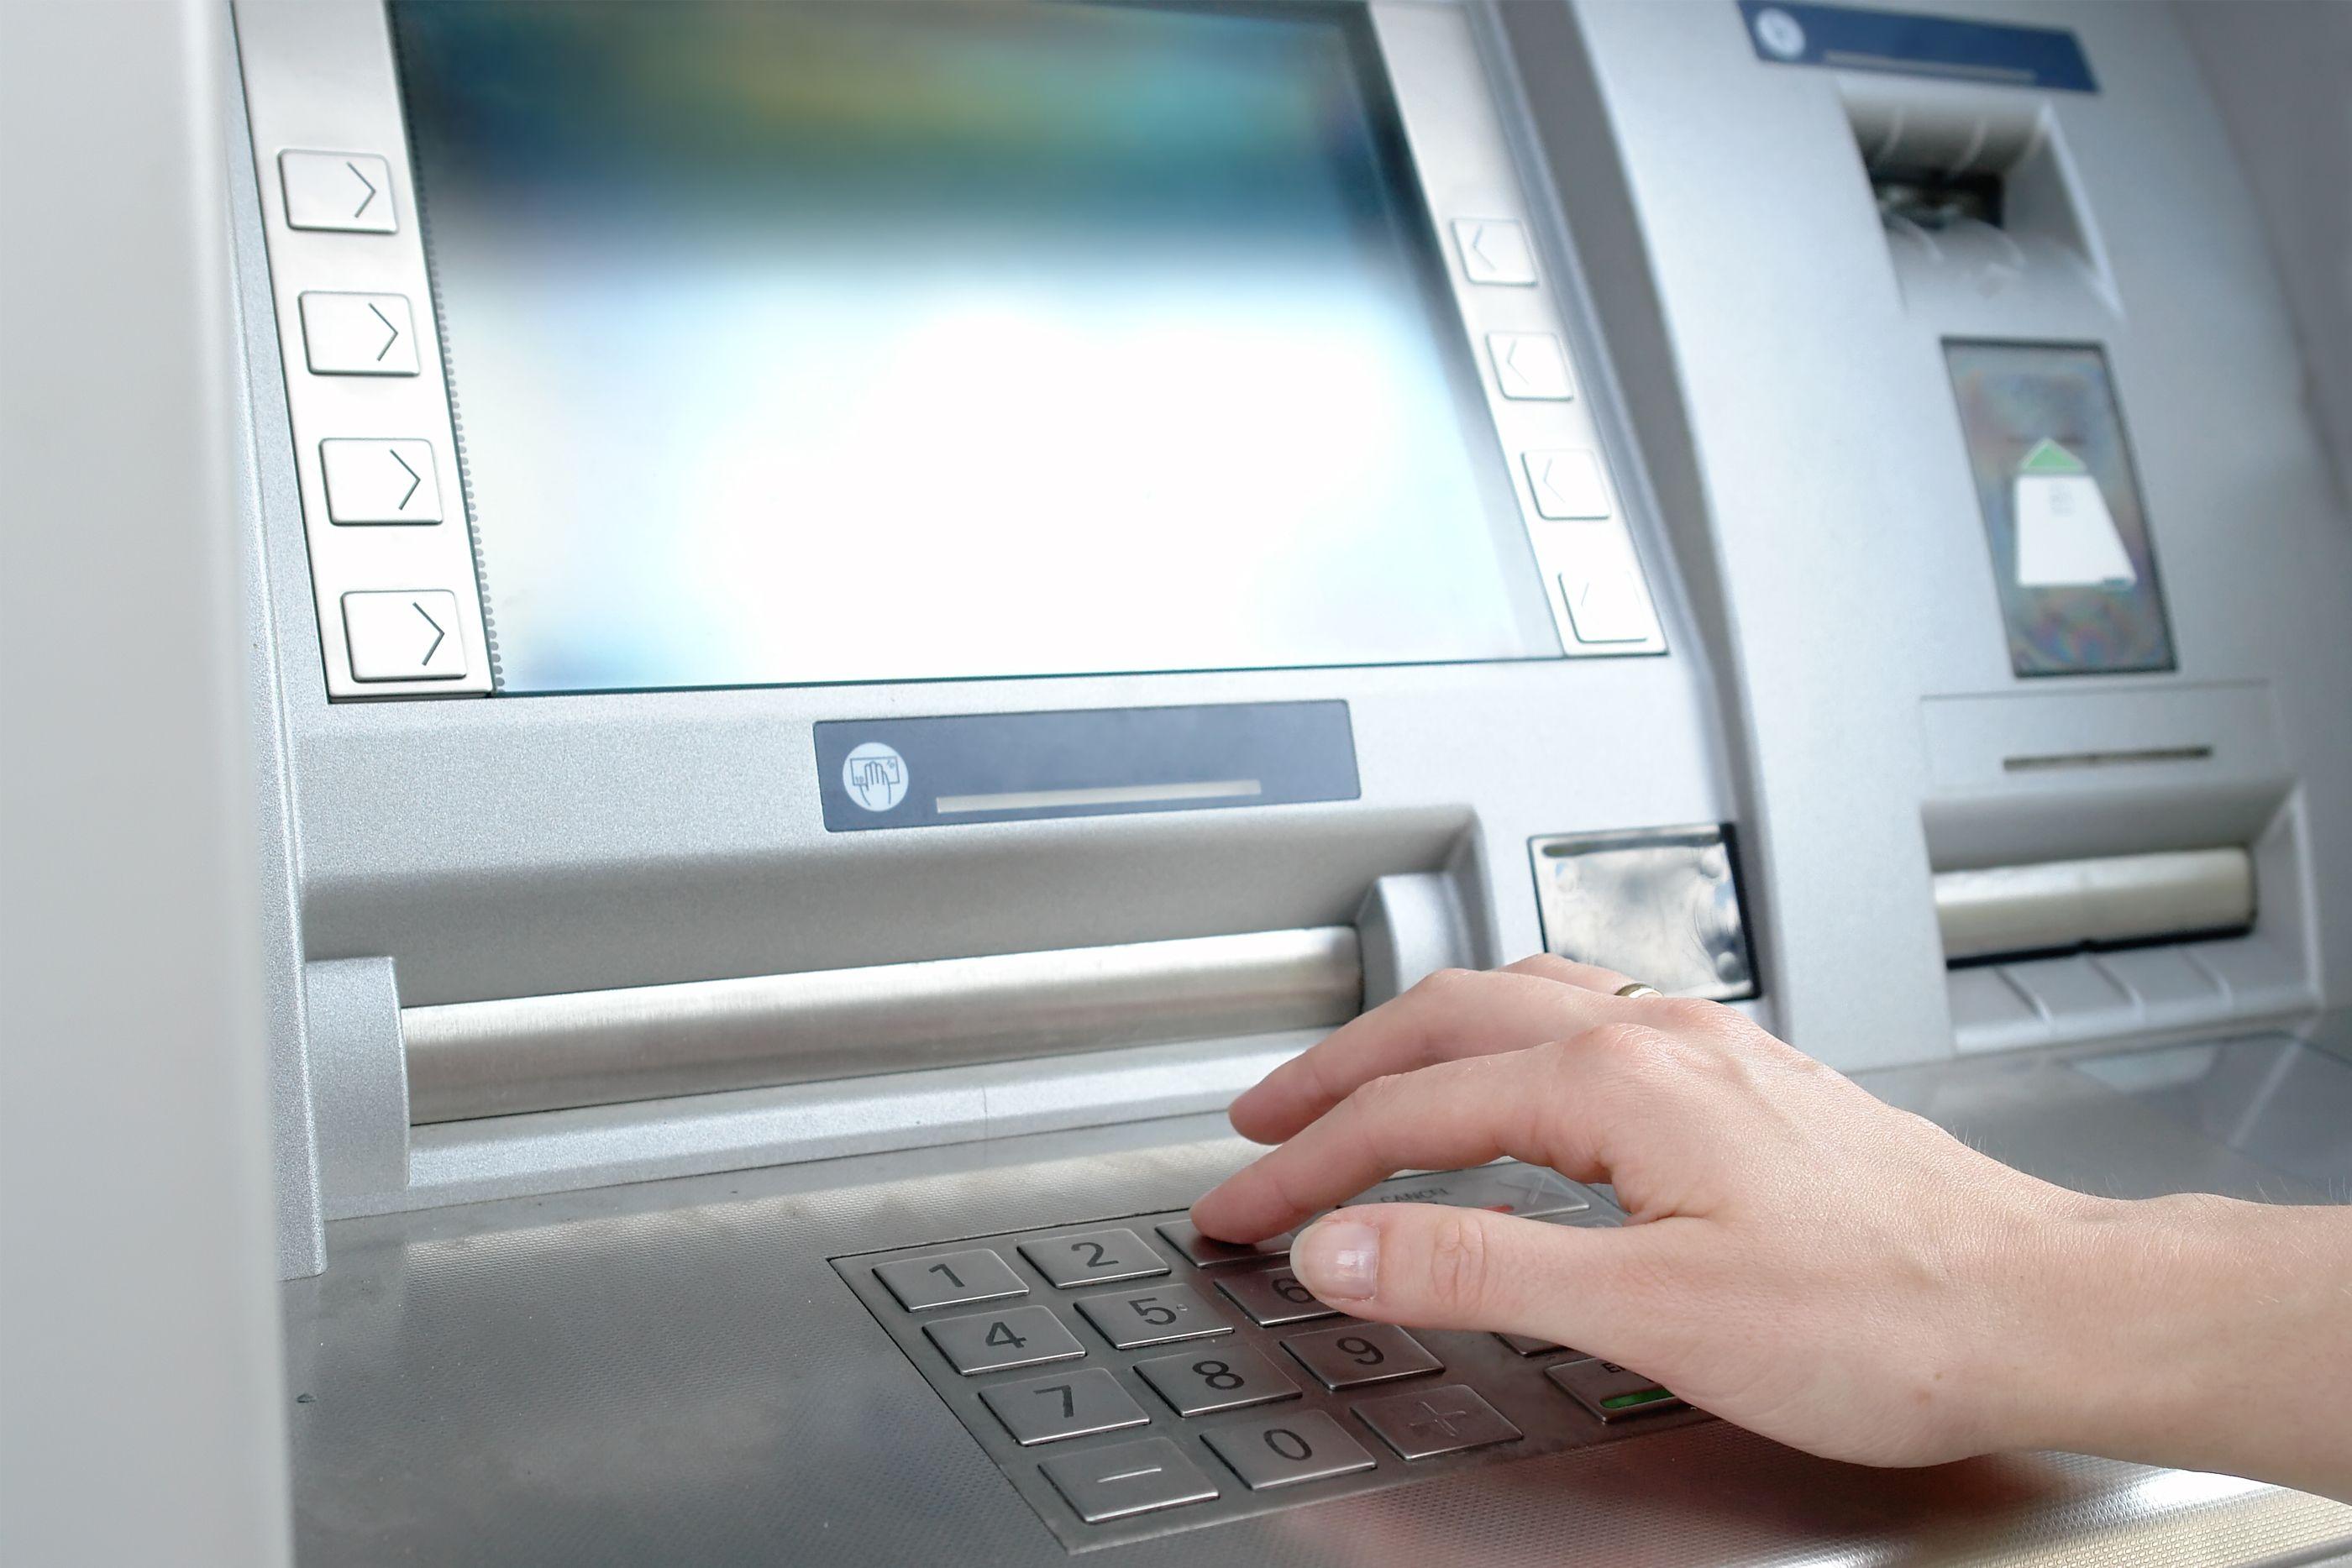 """Bankas """"Kazkomercbank"""" (KKB) atidarė pirmąjį klientų aptarnavimo padalinį"""